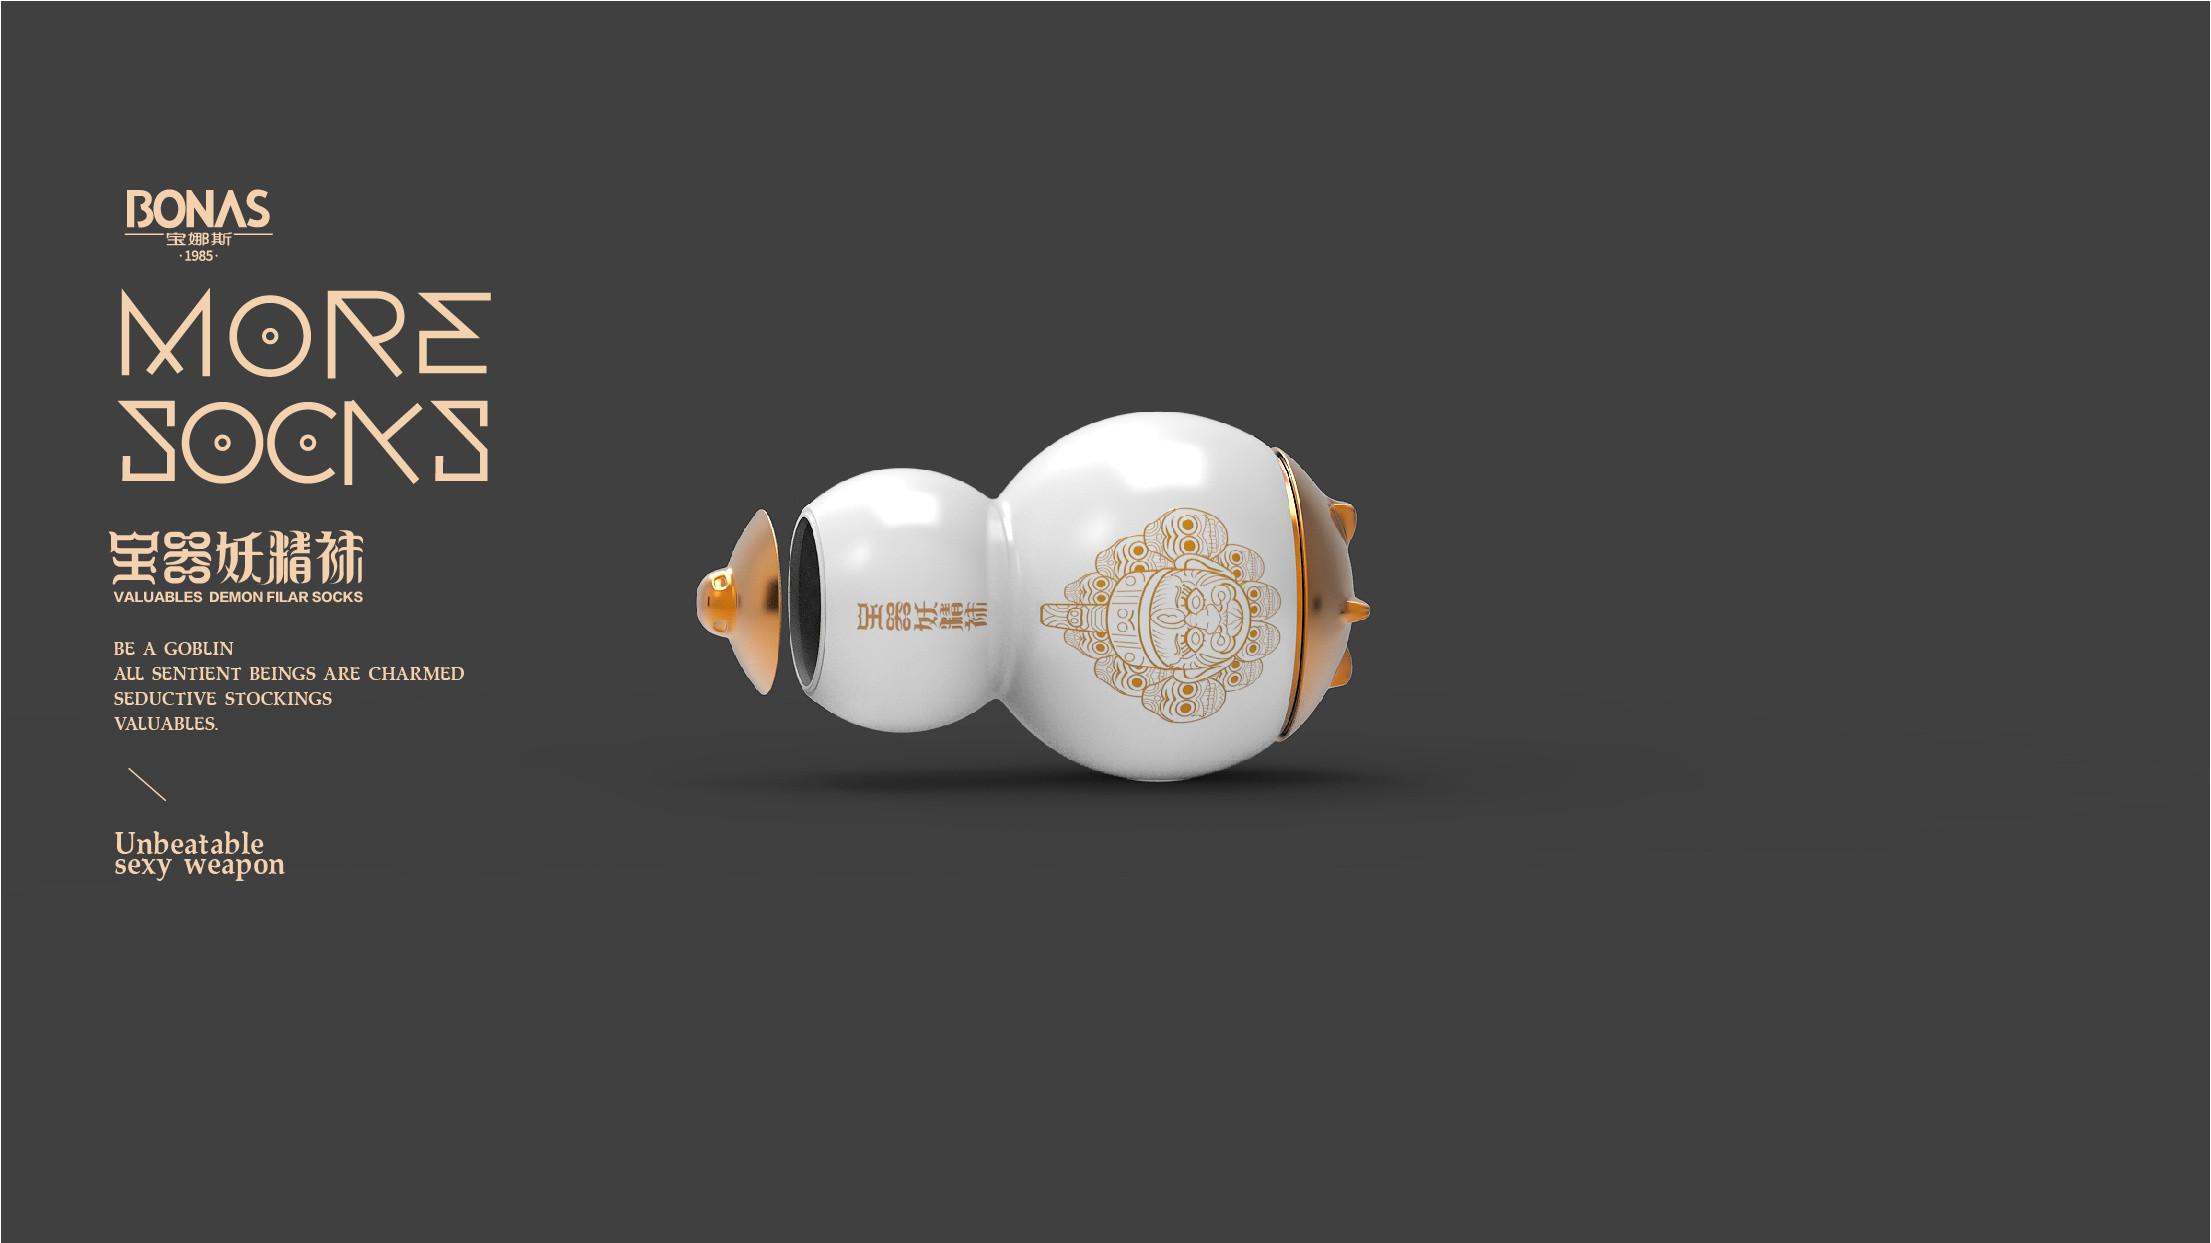 宝器葫芦外观,白色葫芦、图案设计